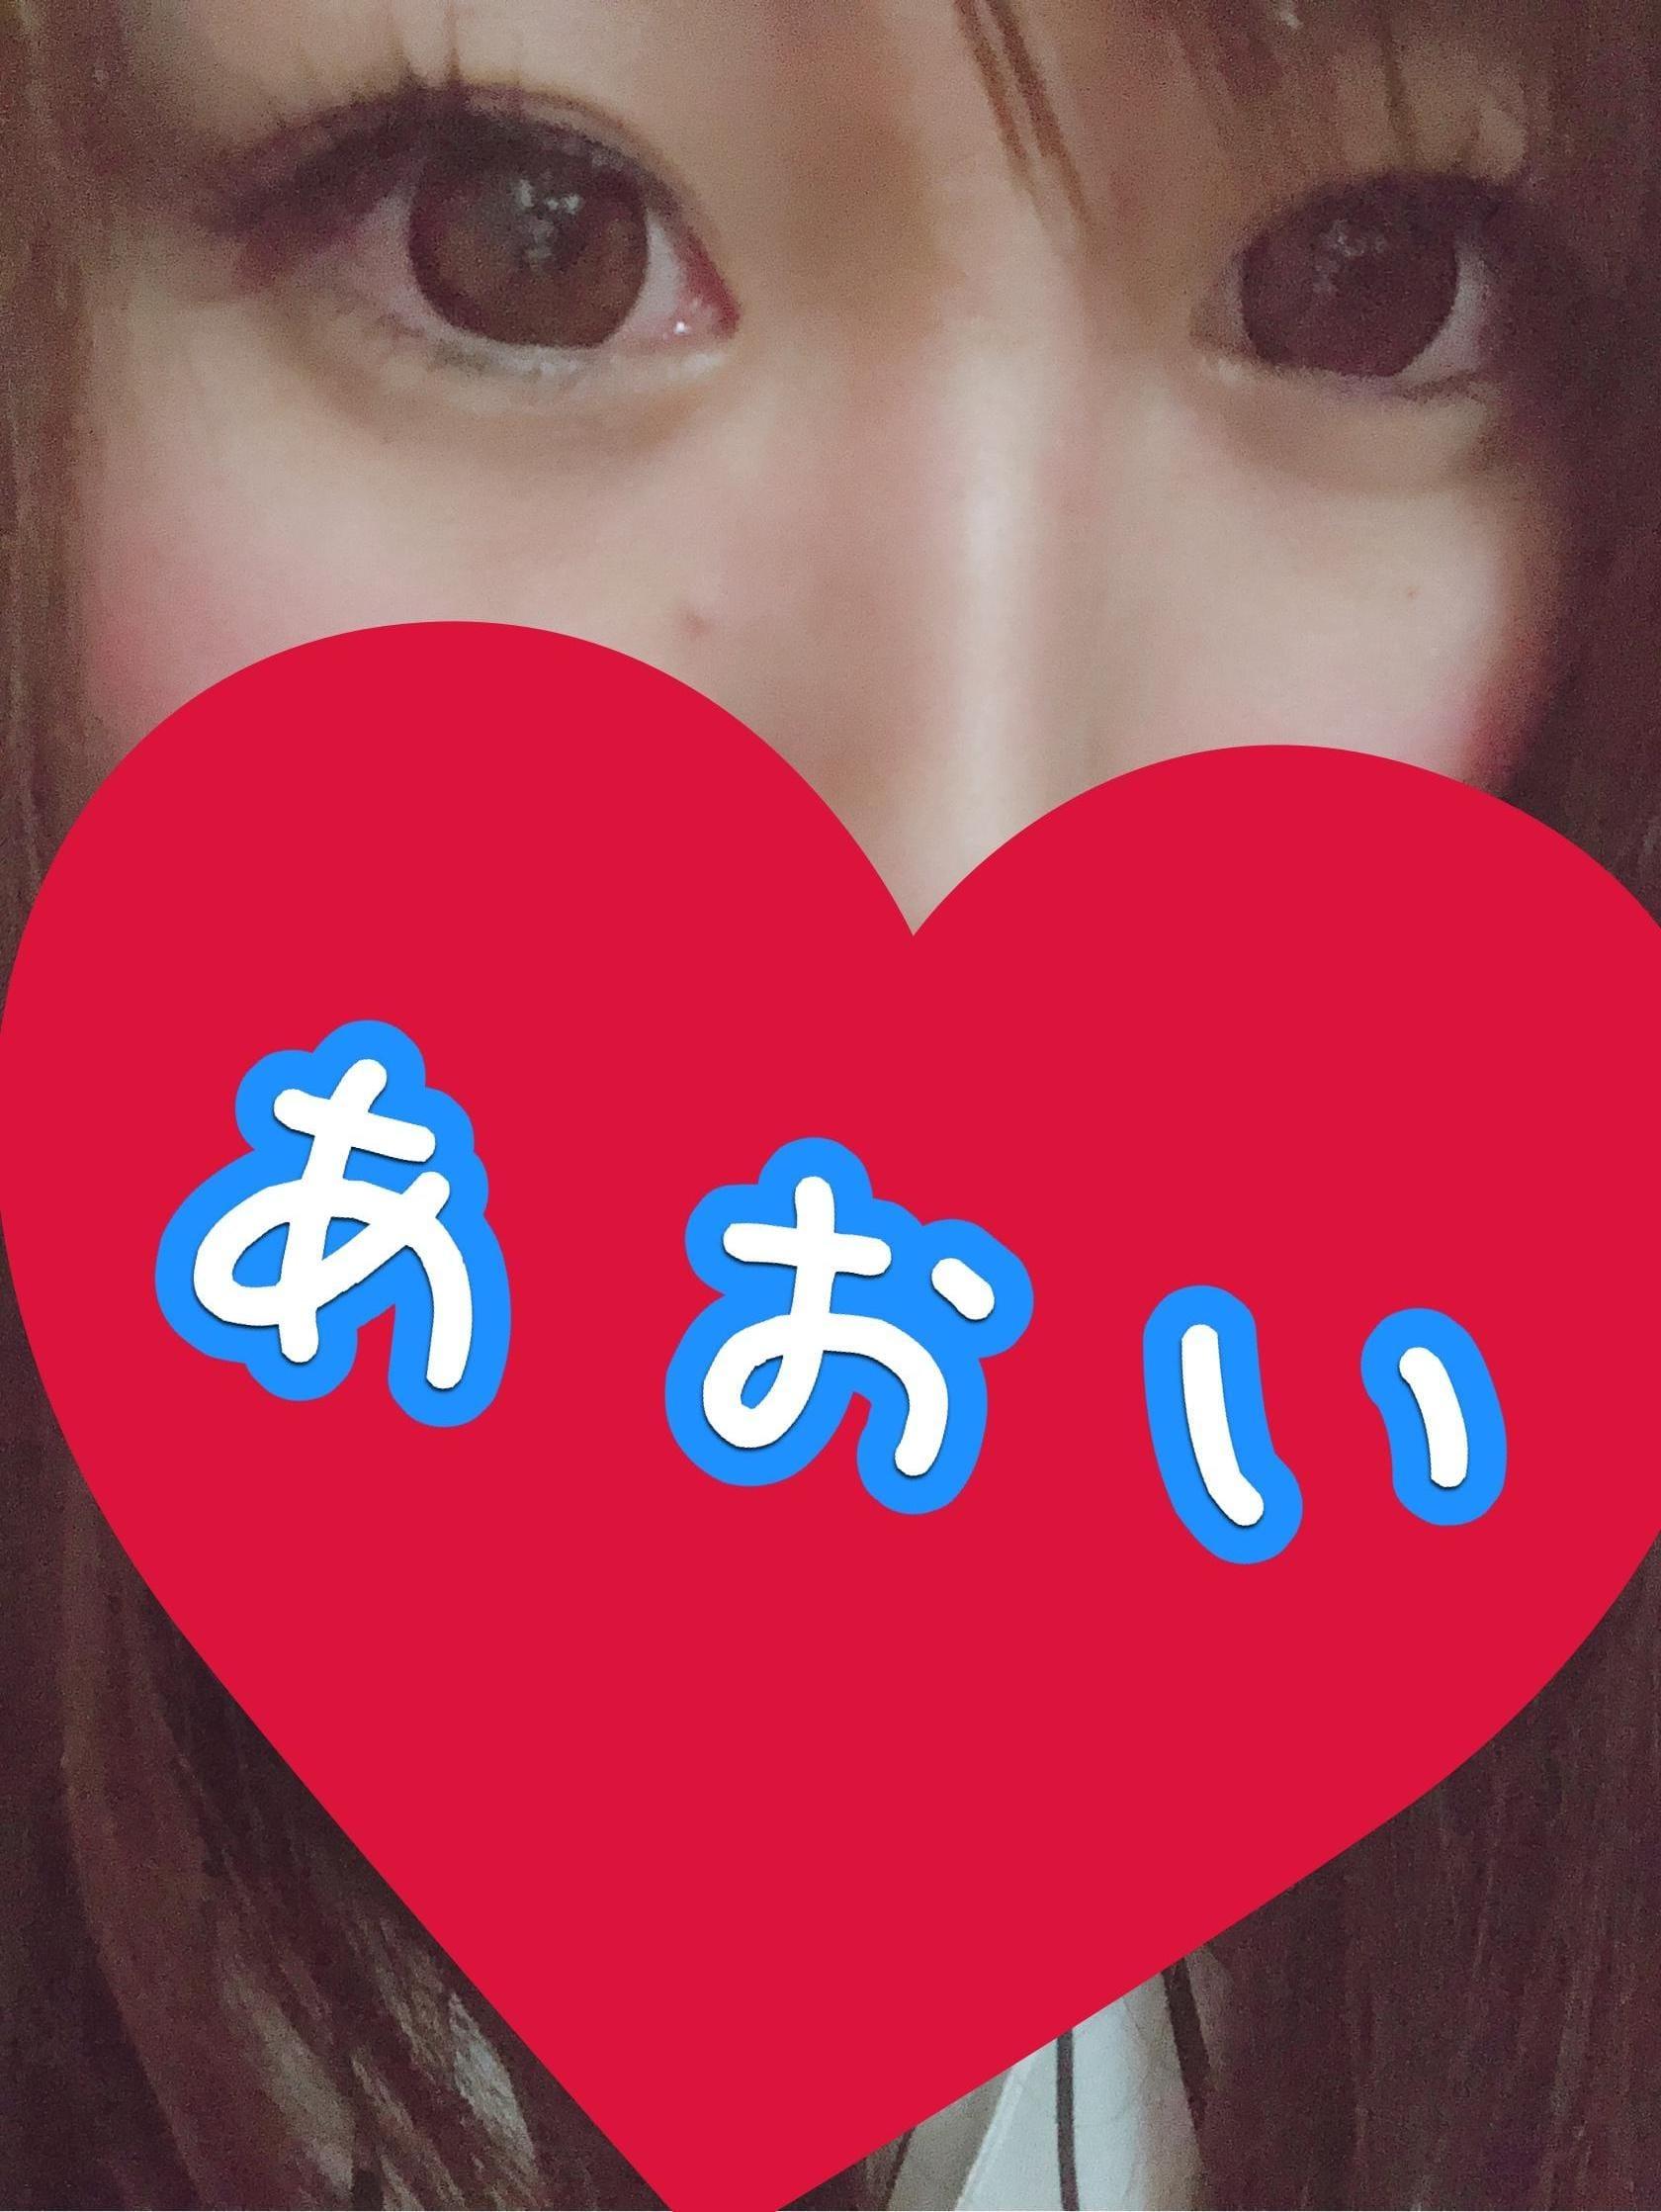 「お礼★」04/12(木) 22:20 | あおいの写メ・風俗動画